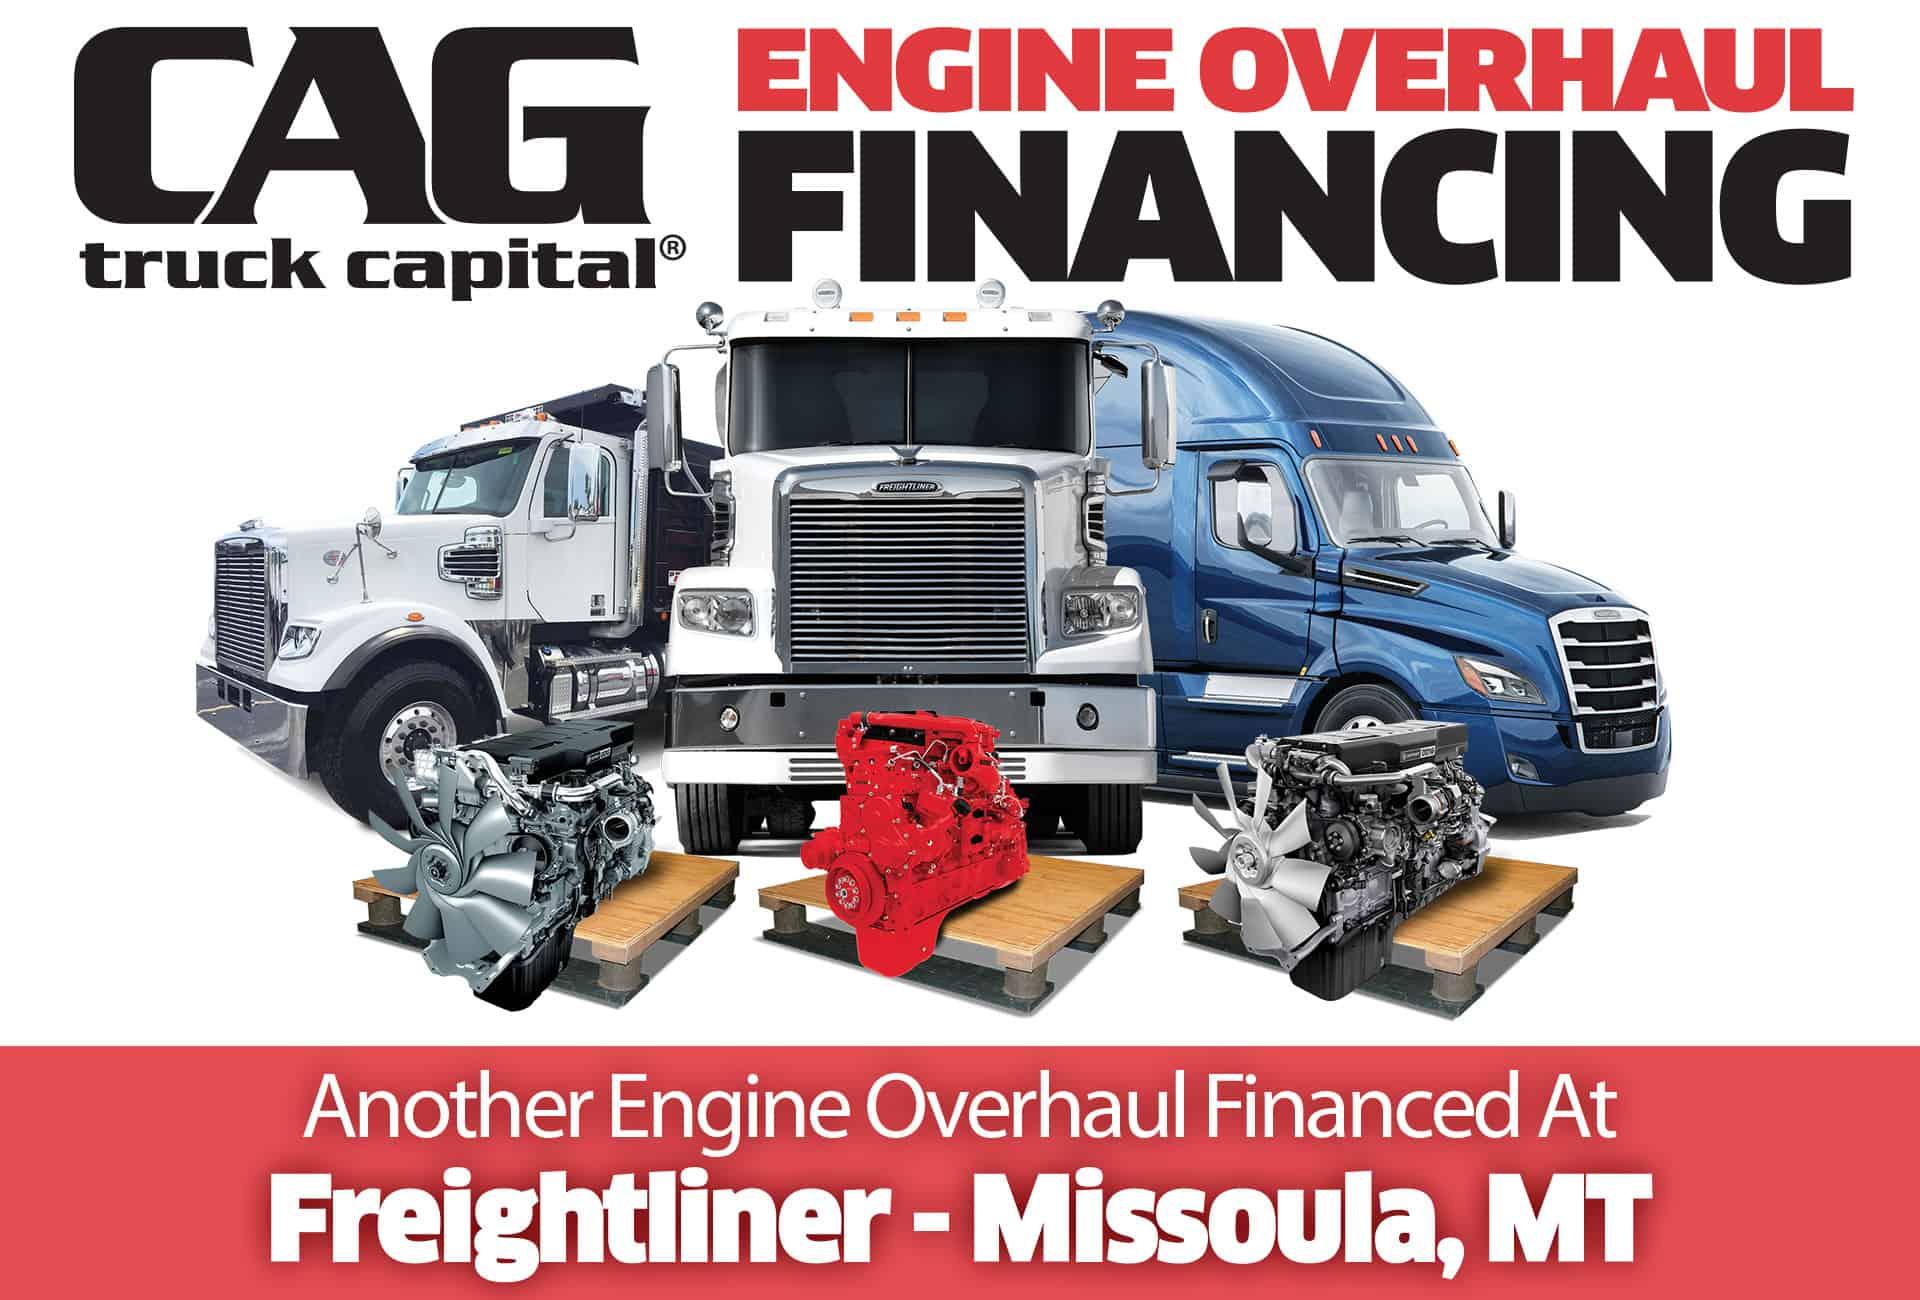 Freightliner Engine Overhauls In Missoula, MT